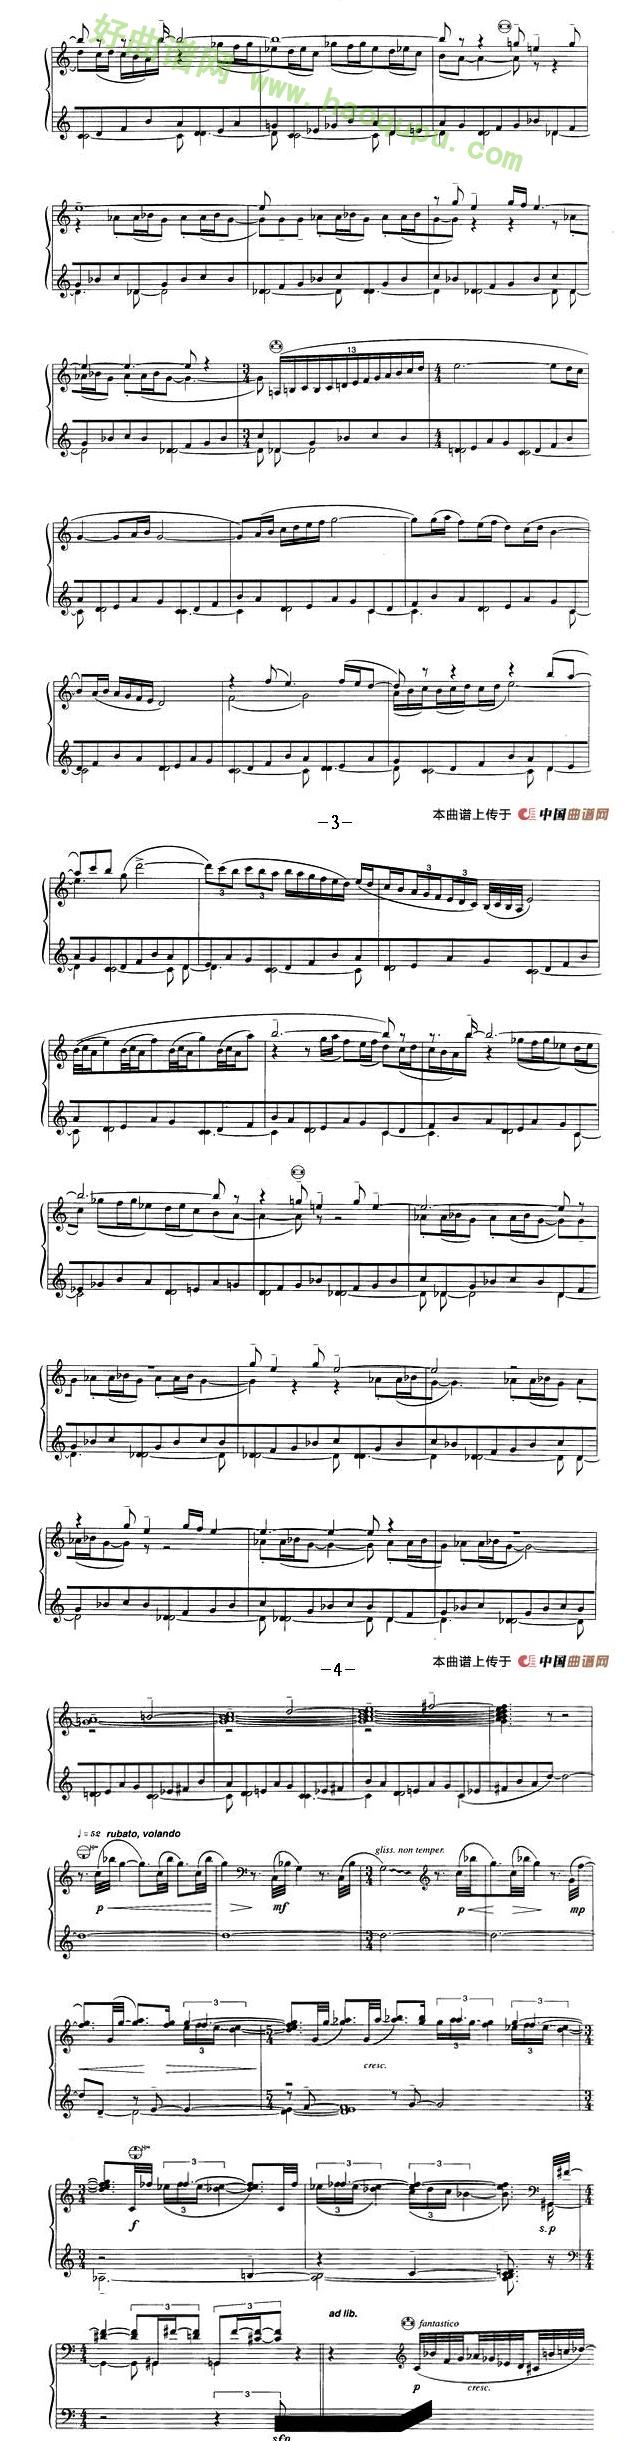 《春天组曲之二》手风琴曲谱第2张